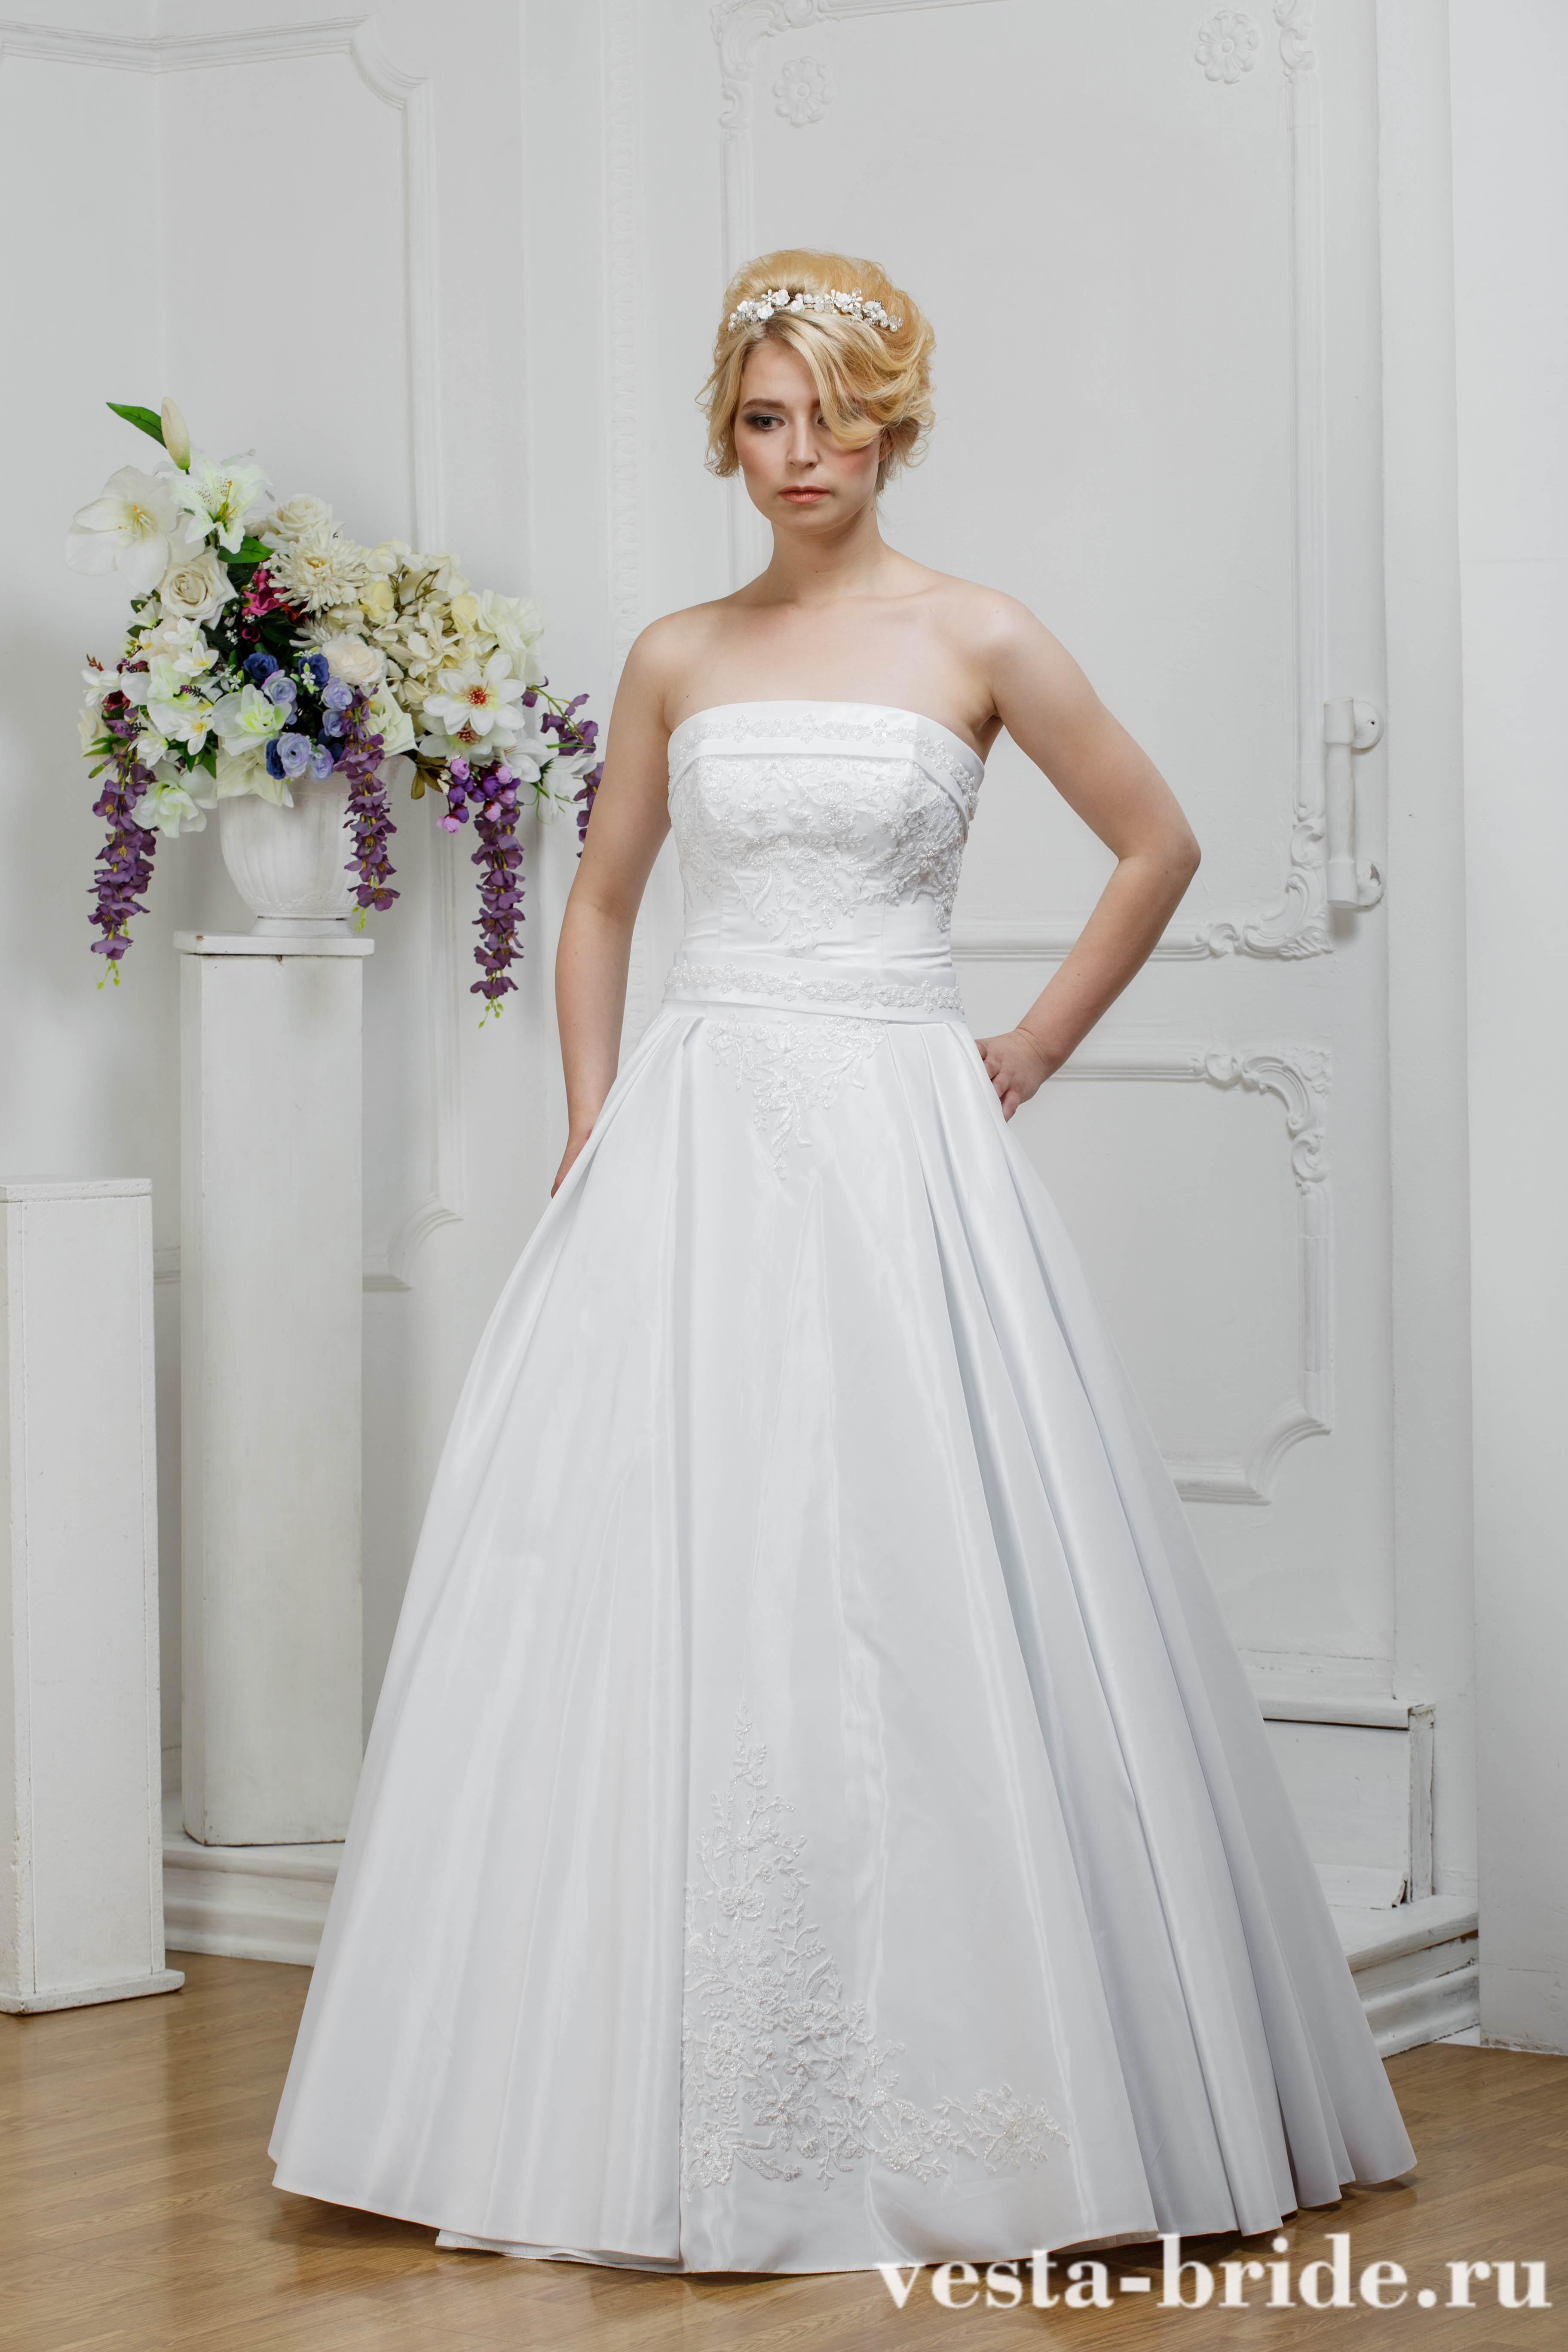 539f93141b51acd Свадебное платье А-силуэта Свадебное платье Арт. 110T: качественные ...